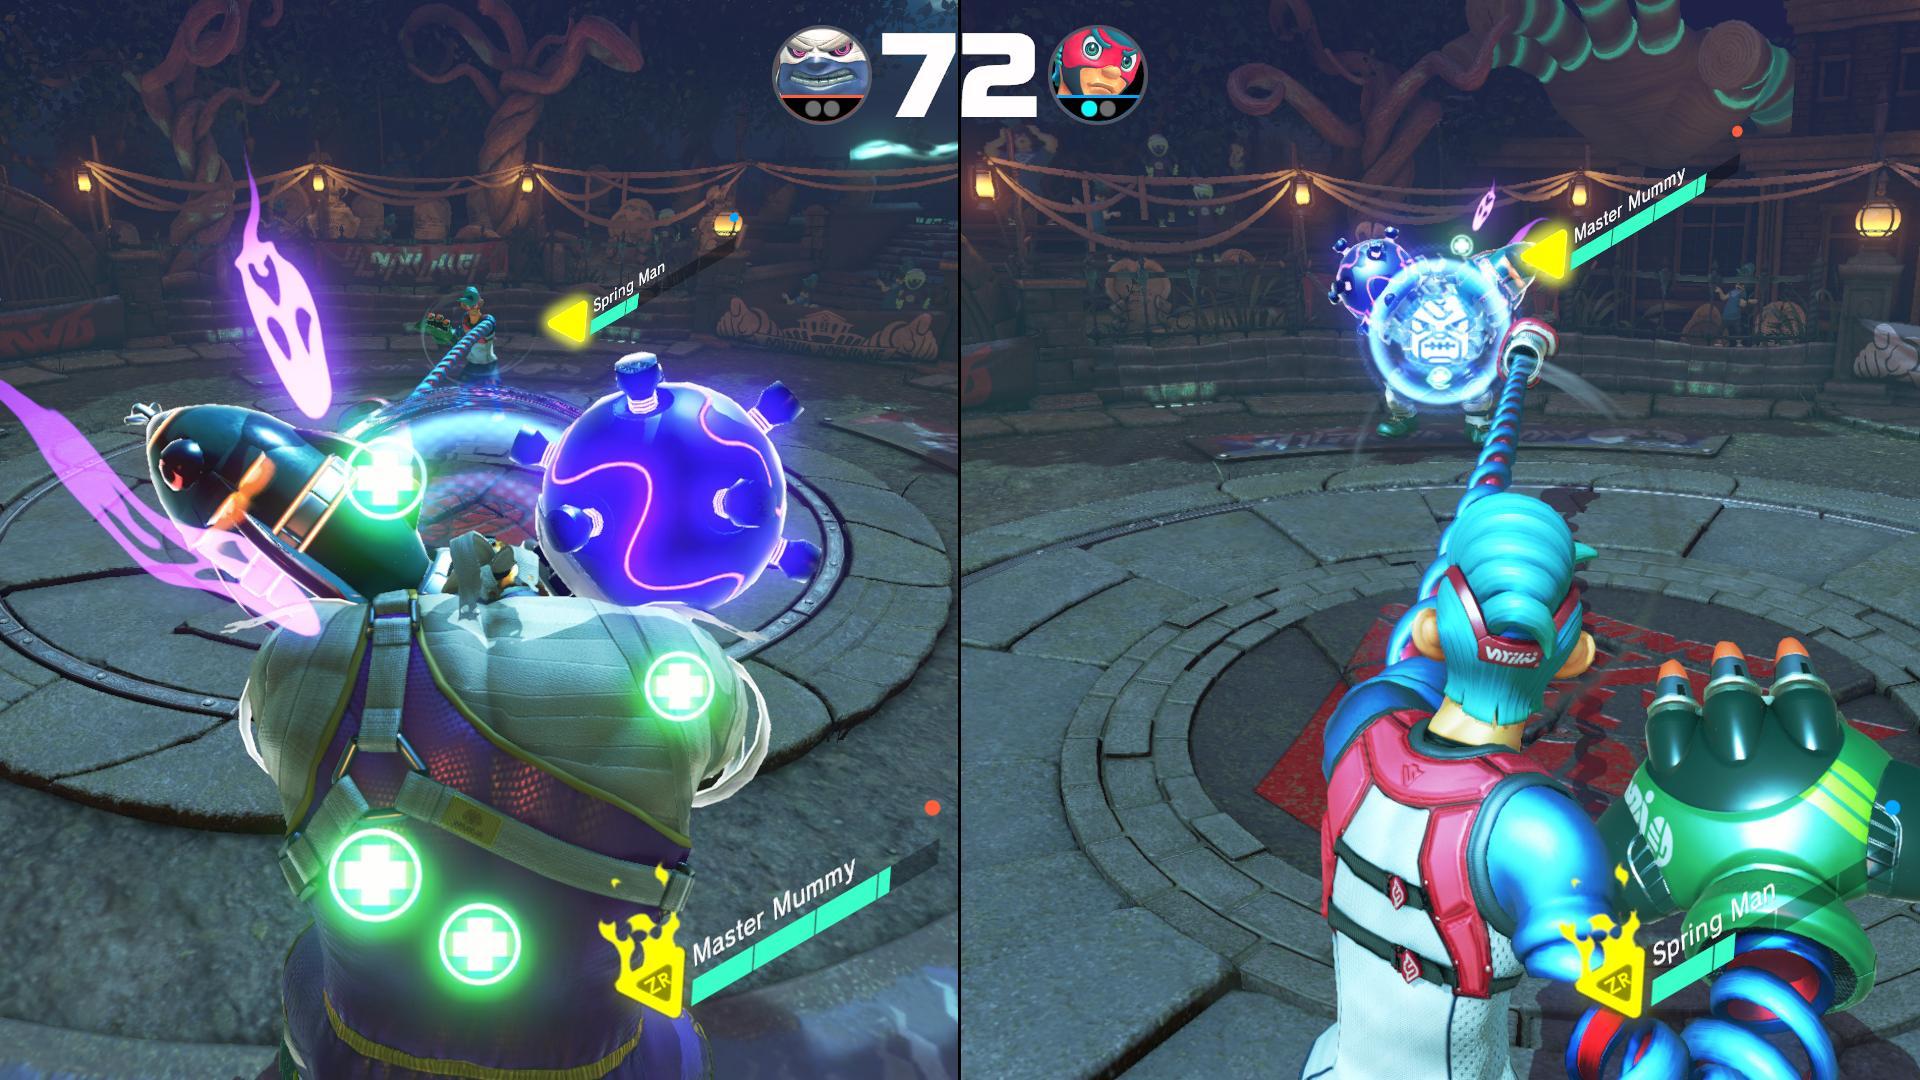 Analisis De Arms El Juego De Lucha Exclusivo Para Nintendo Switch